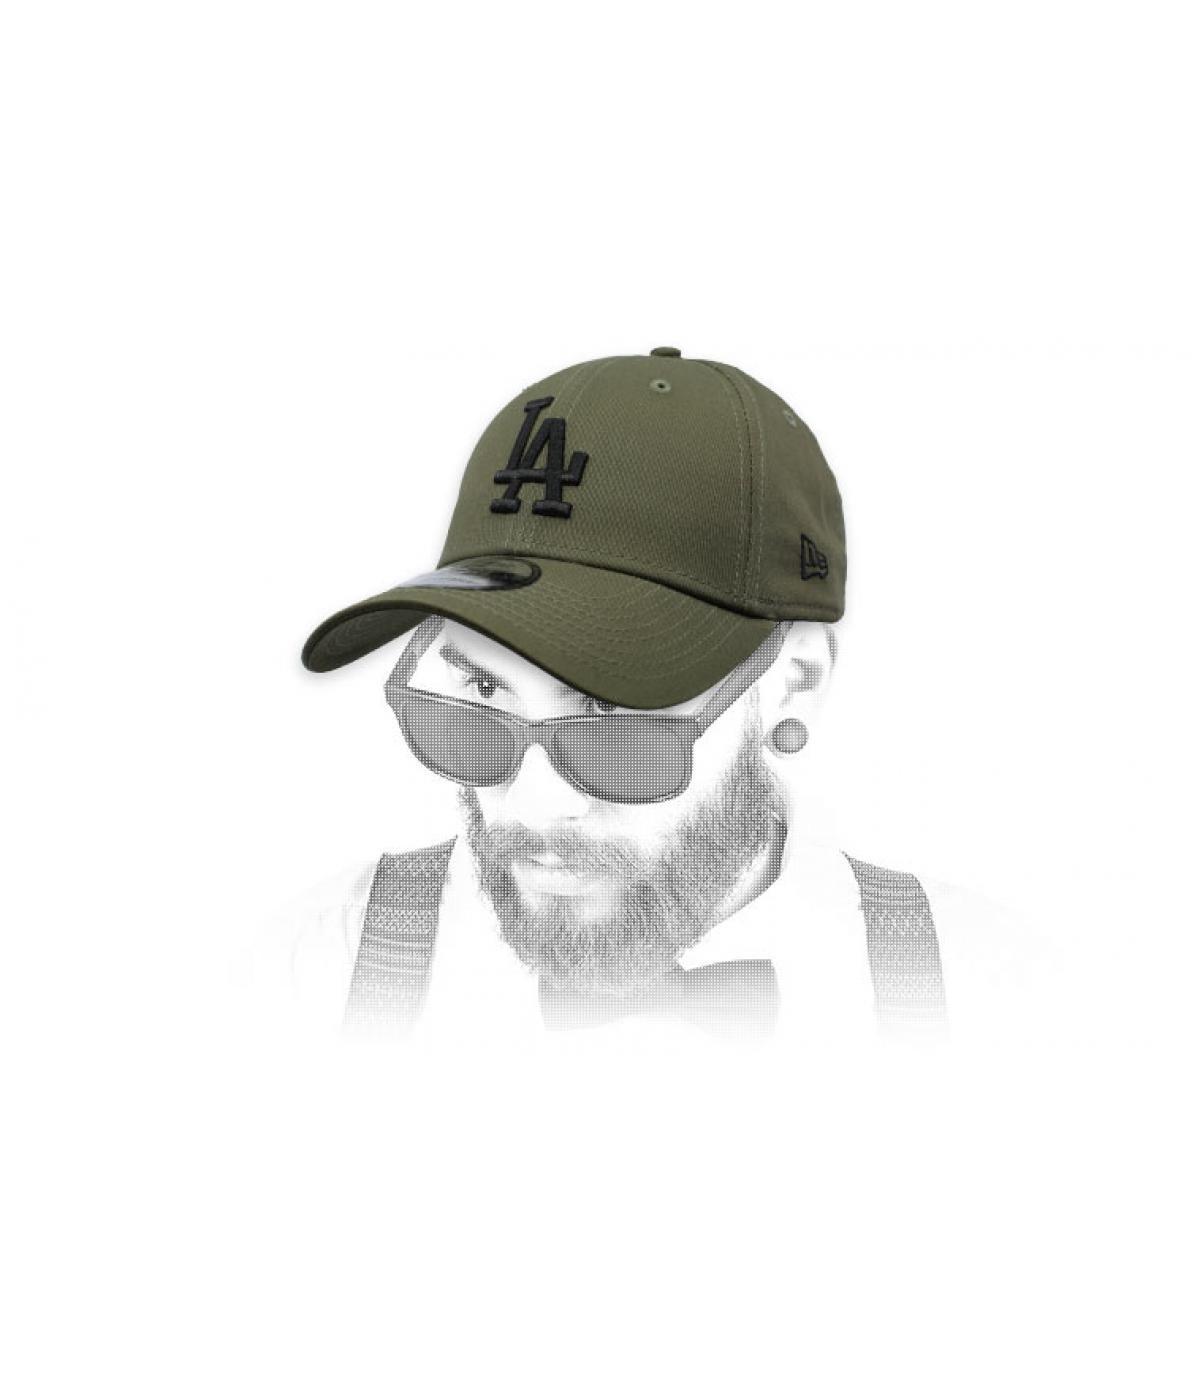 grey green LA cap